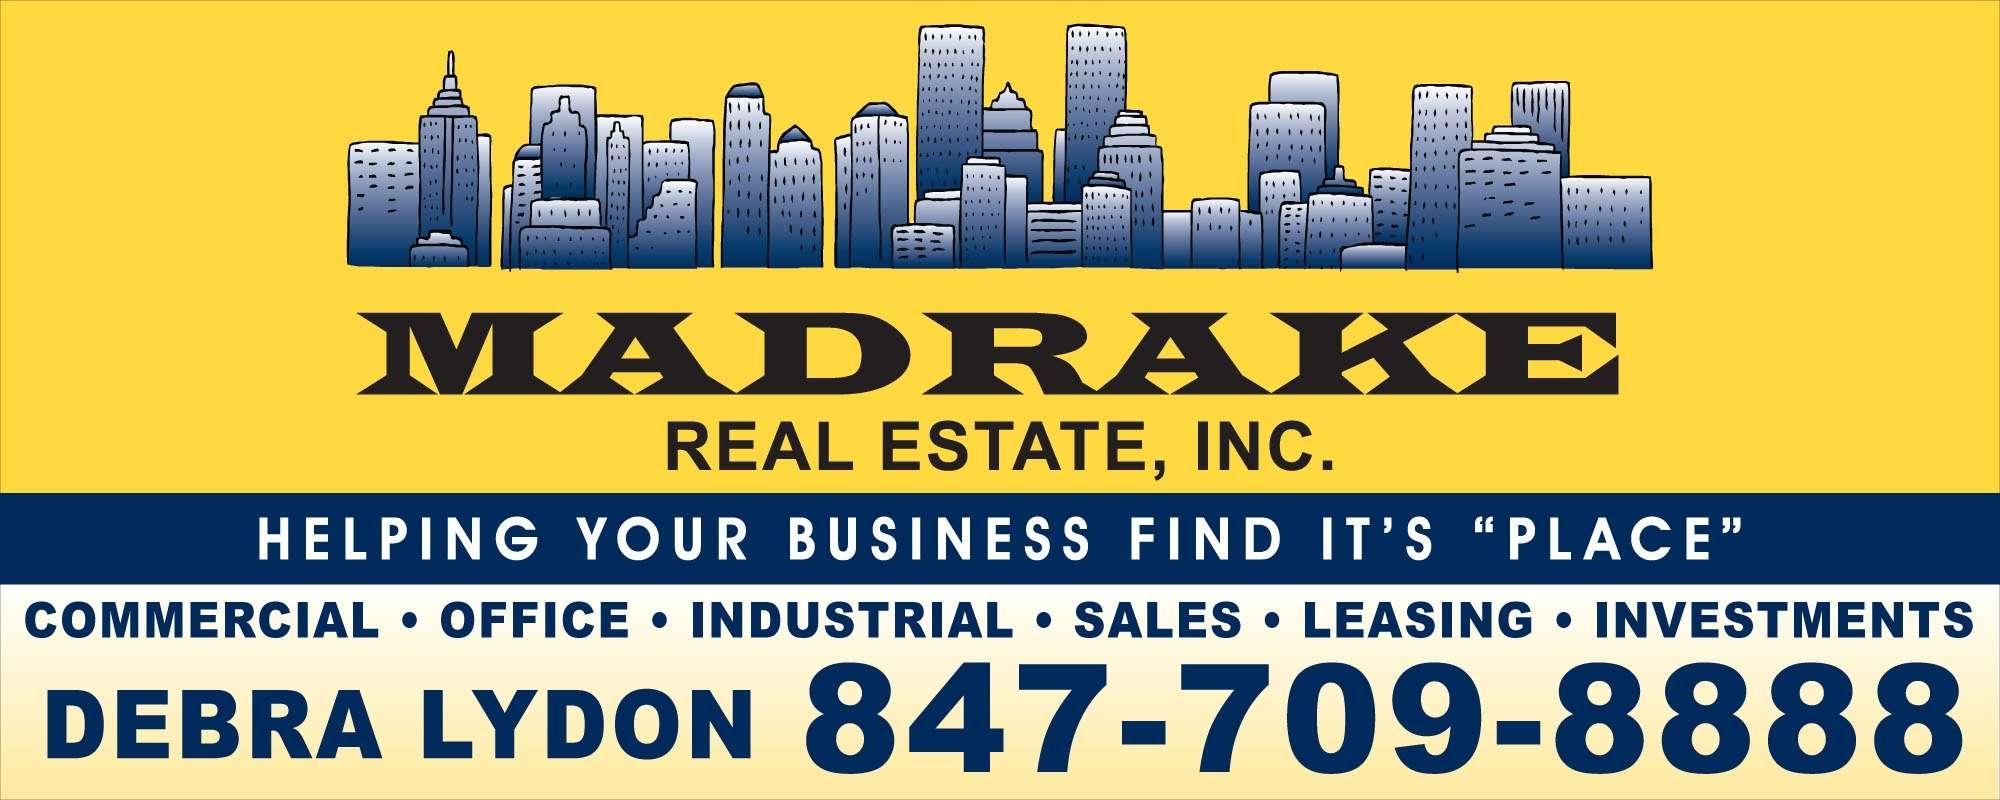 Madrake Real Estate